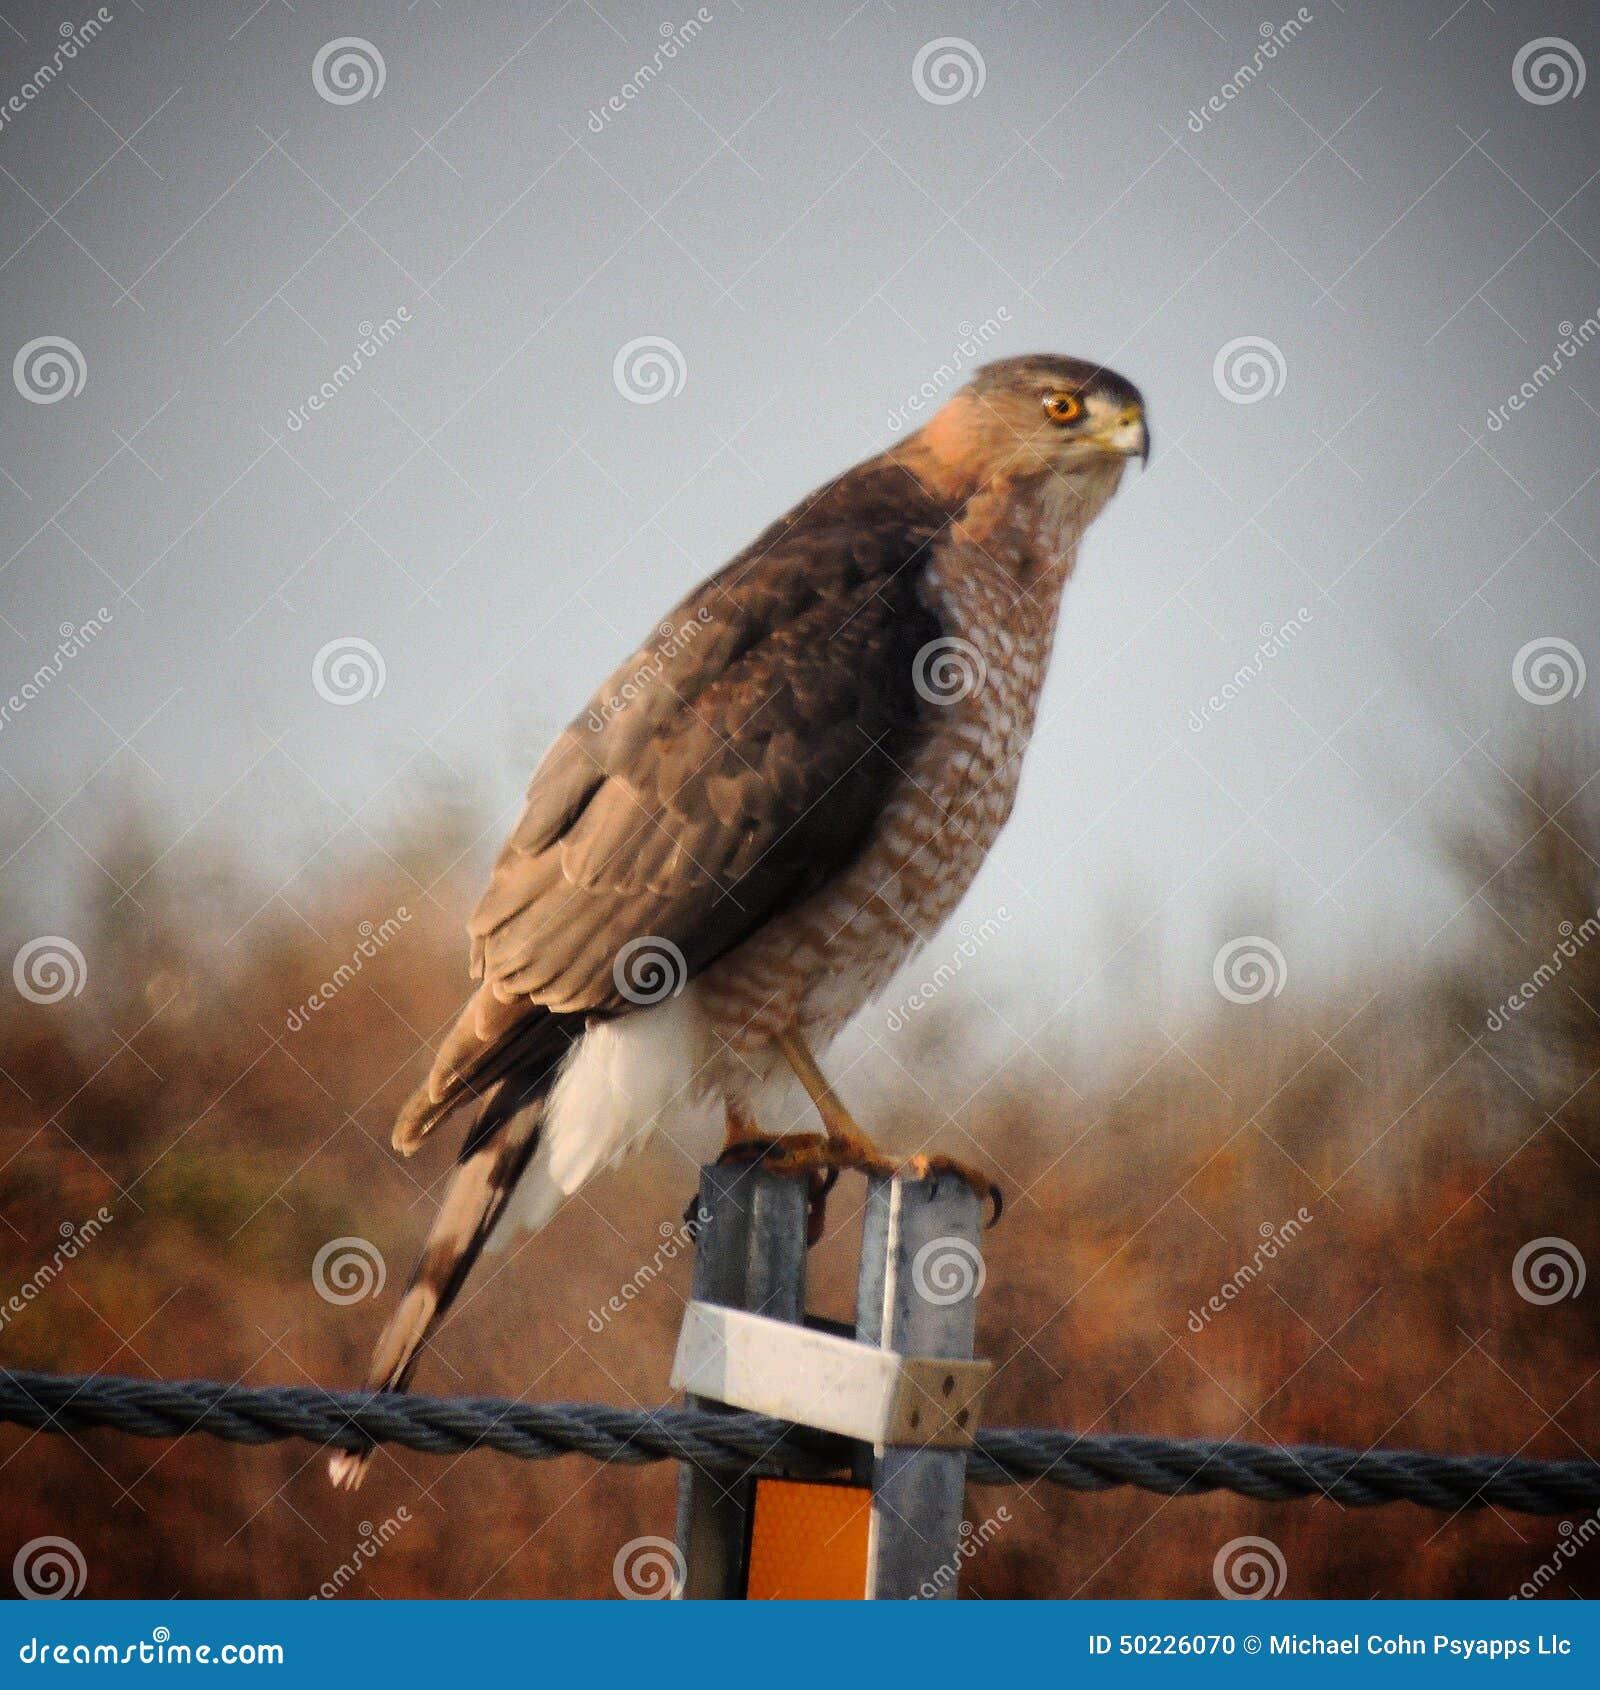 psy鸟�9�%9e,y/&_mr: no pr: no 1 80 0 coop2 id 50226070 © michael cohn psy